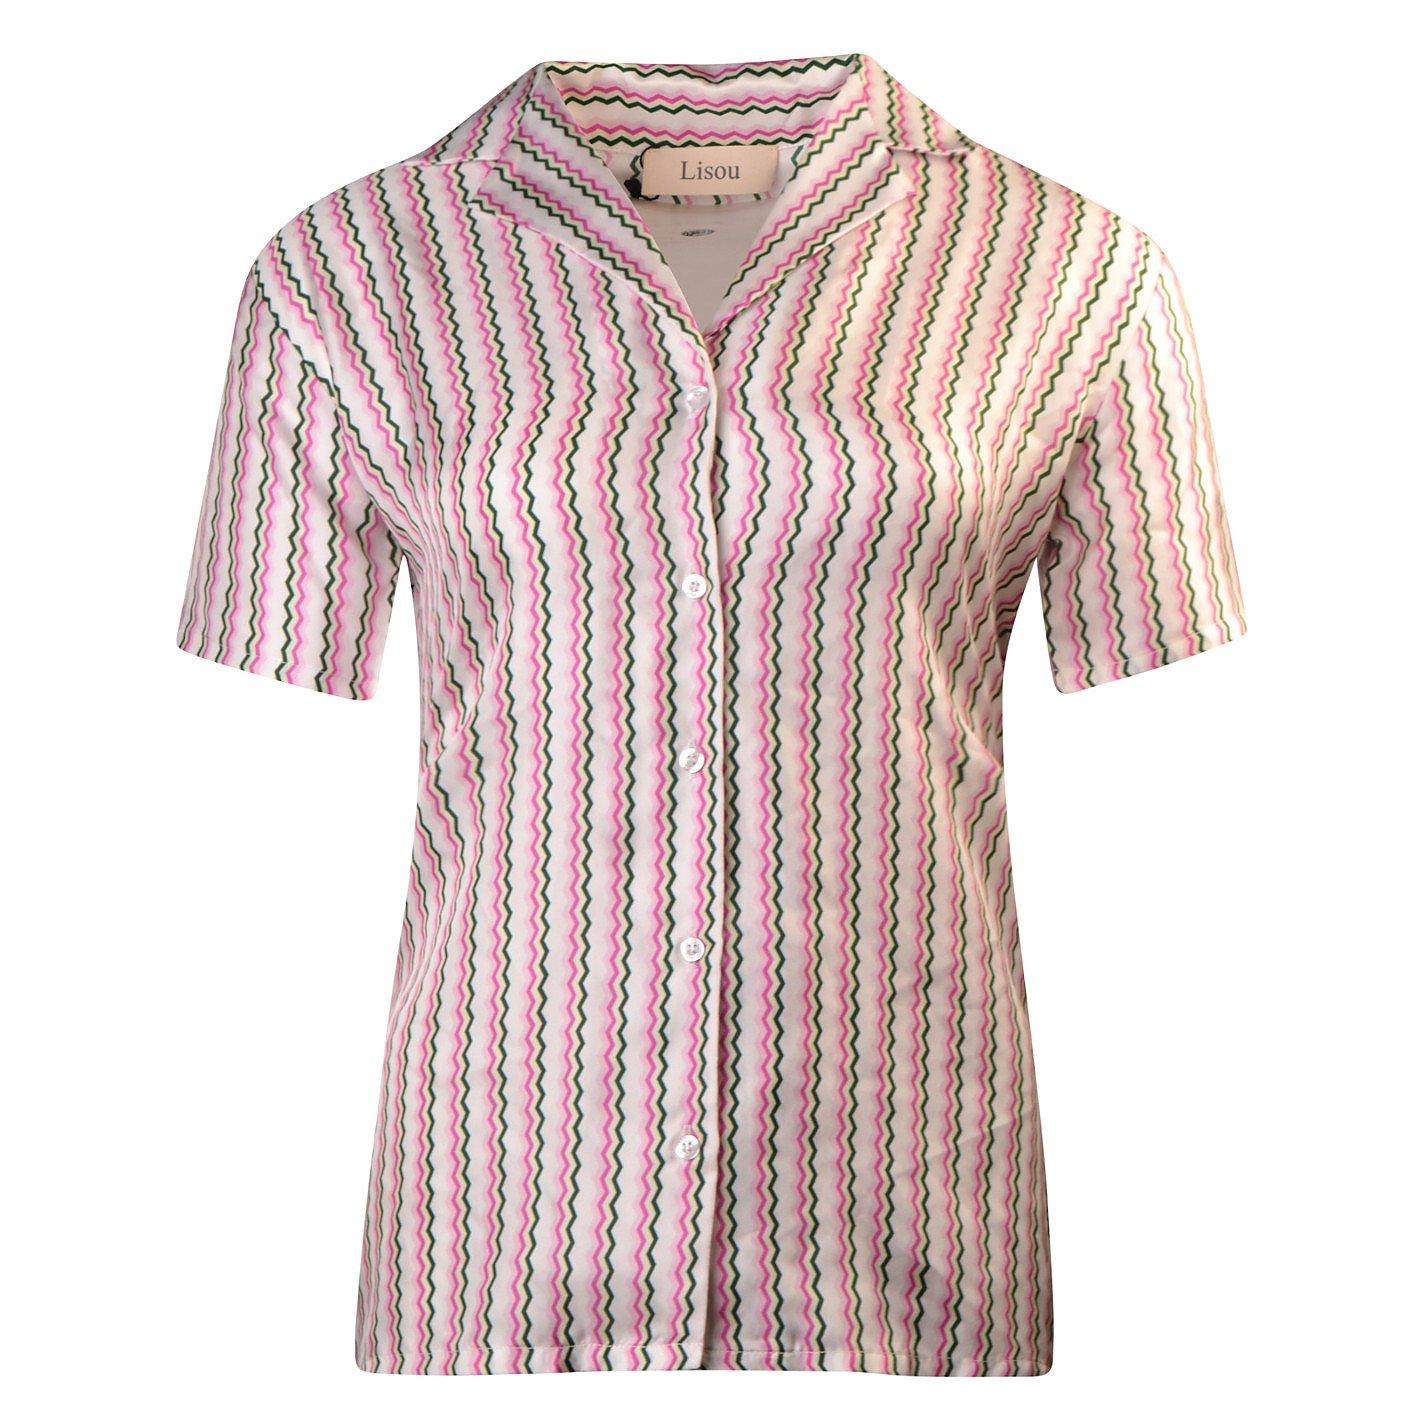 Lisou Pastel Zig Zag Short Sleeve Shirt Victoire